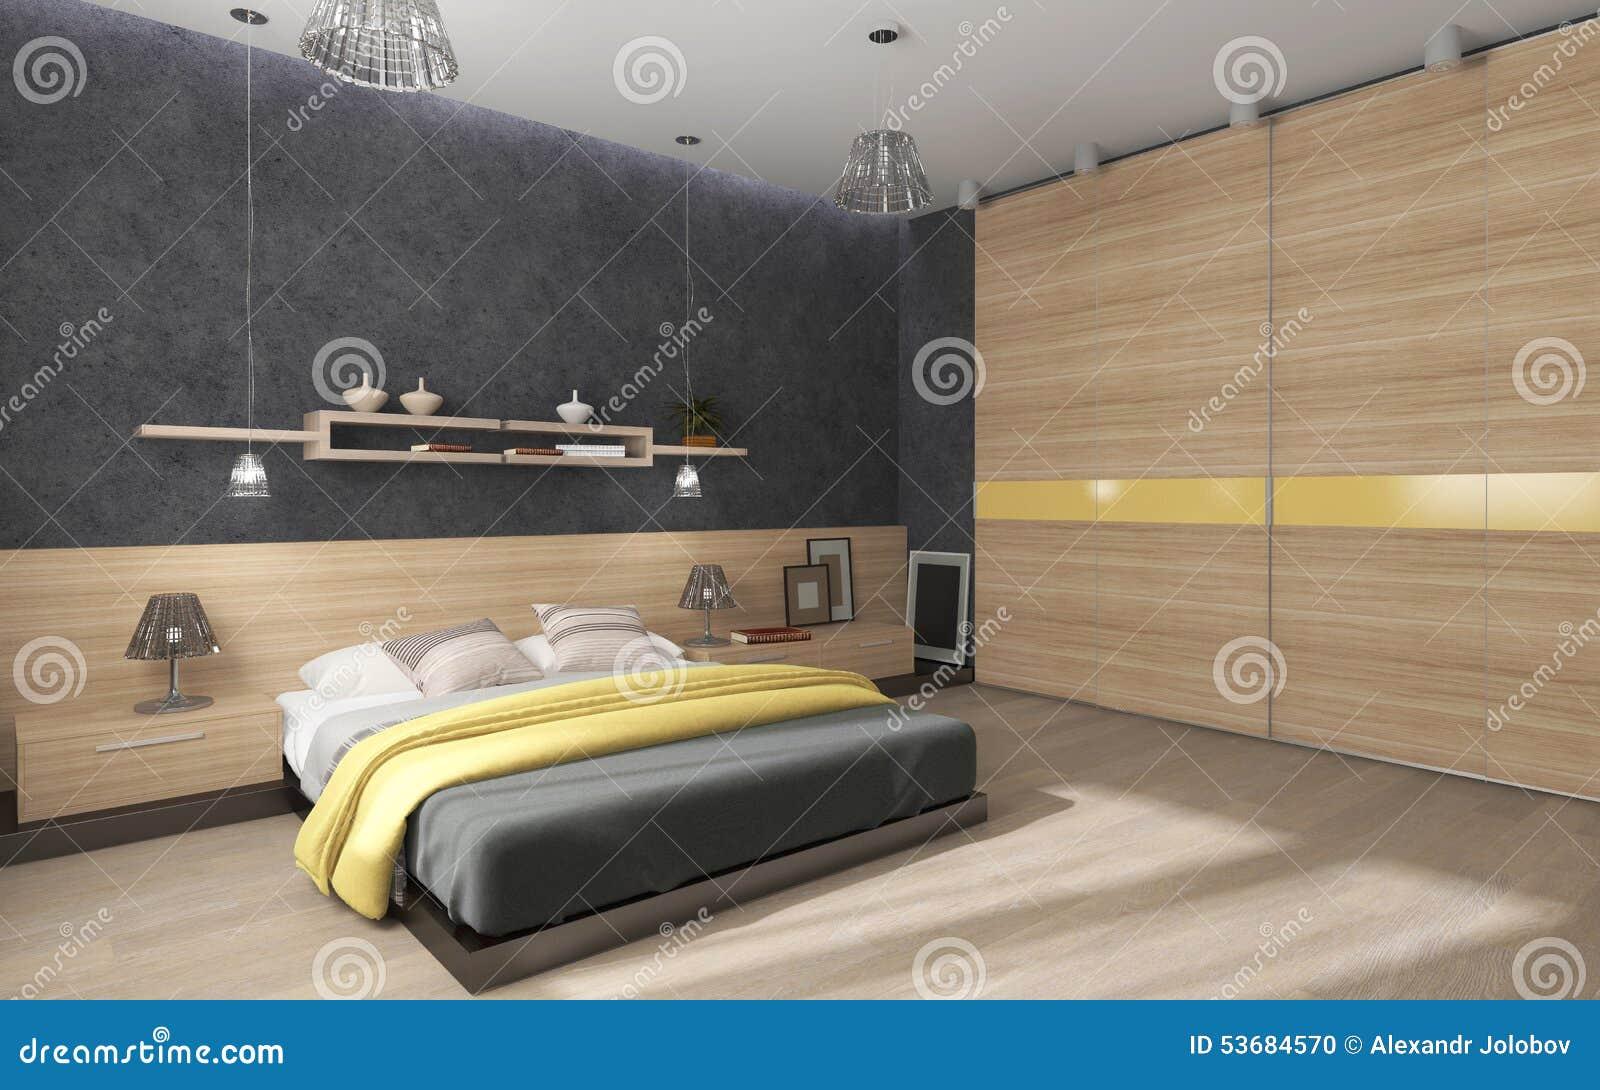 Grote Slaapkamer Kast : Slaapkamer met grote kast stock illustratie illustratie bestaande